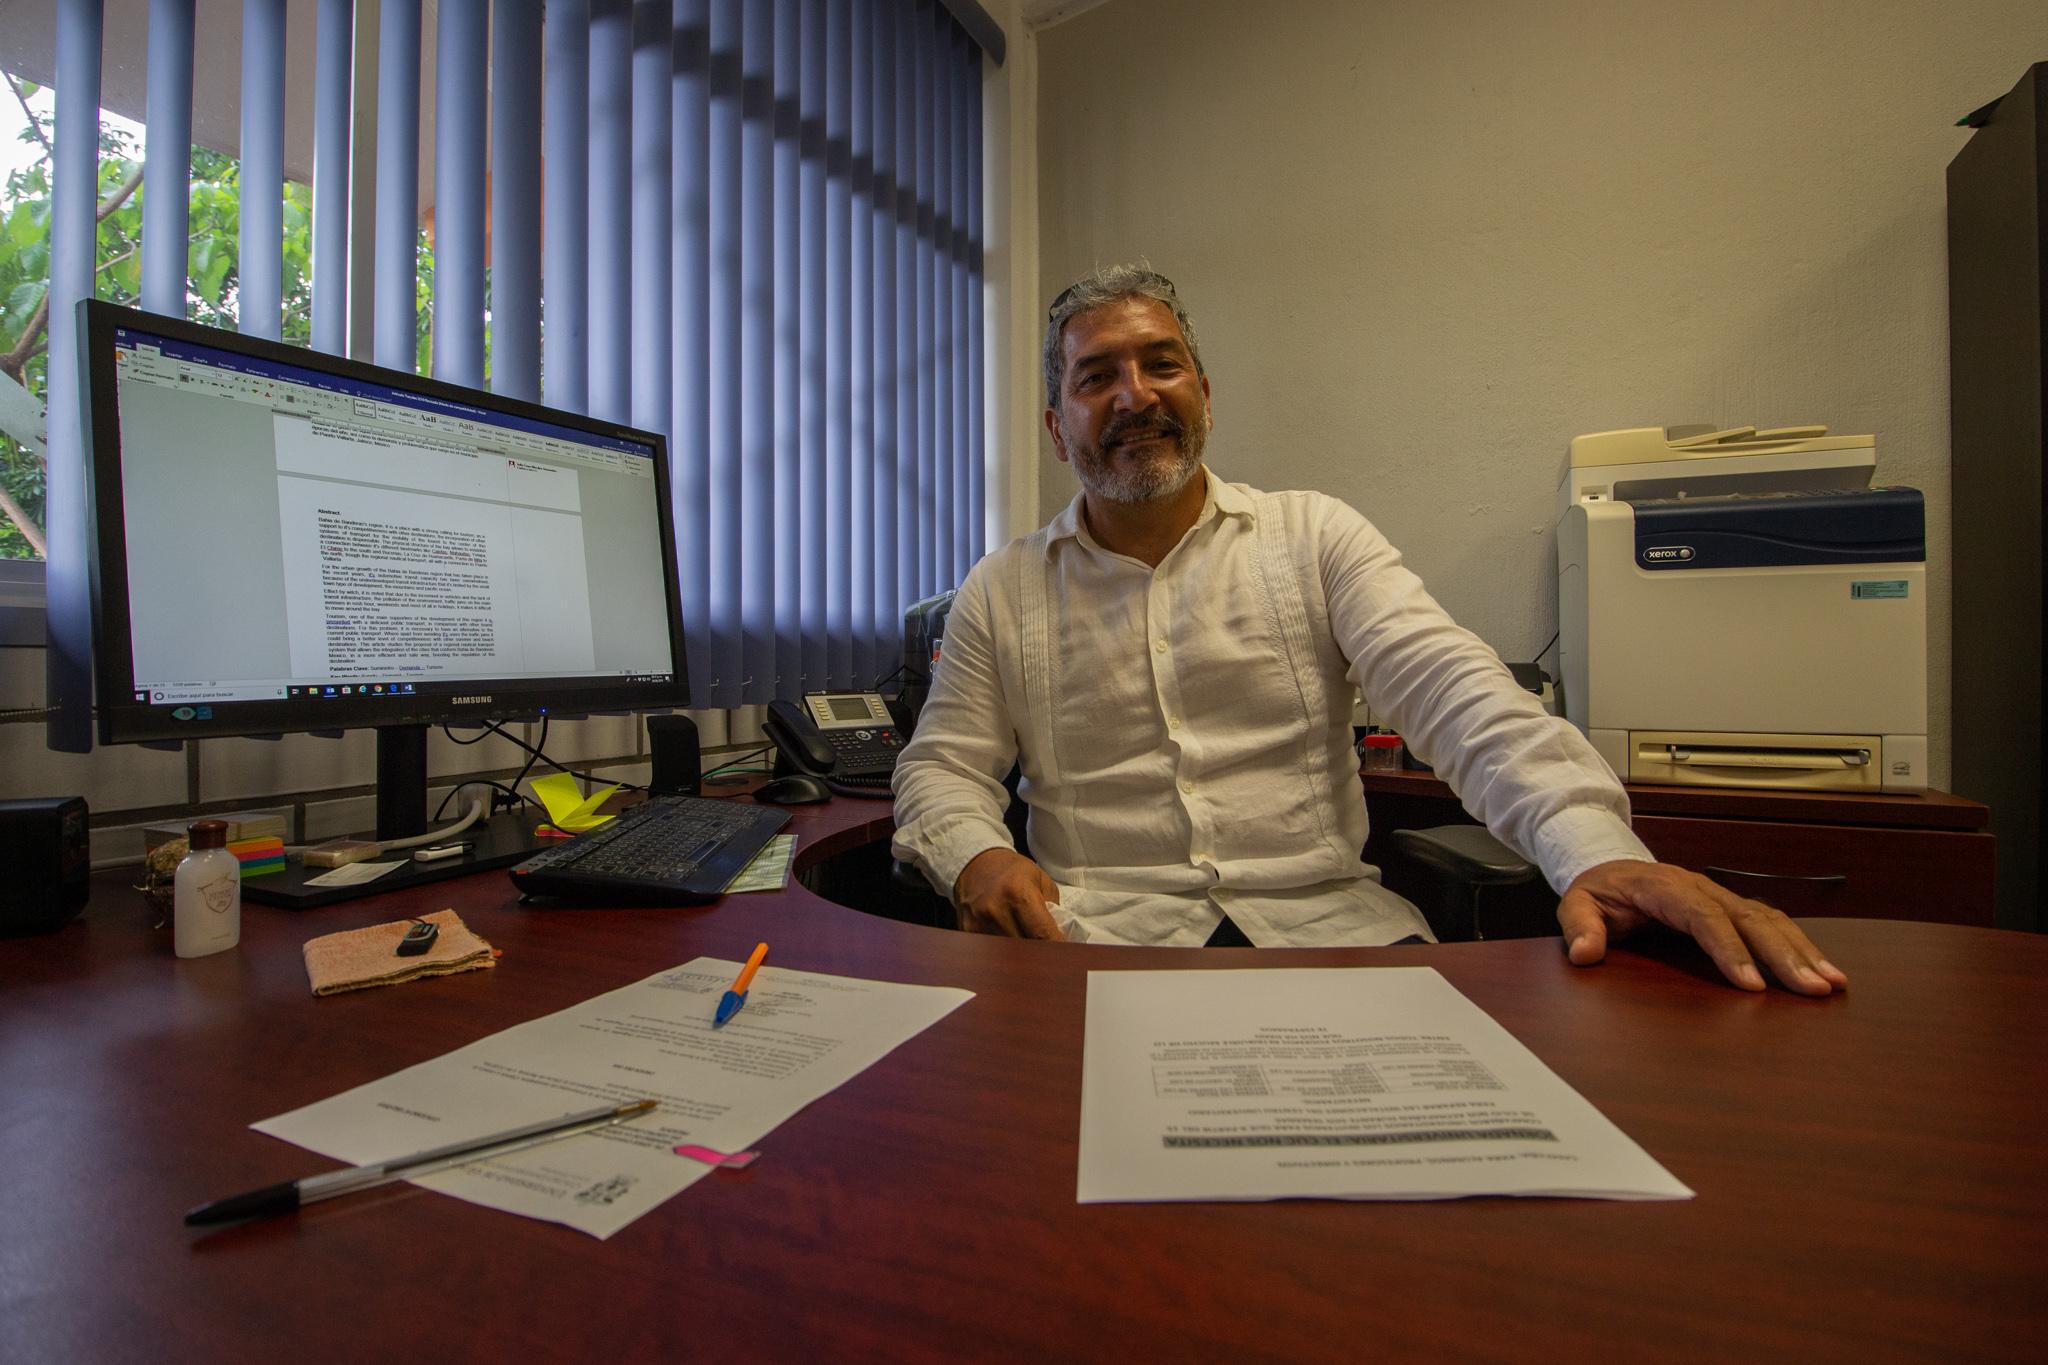 El Director de la División de Ingenierías del Centro Universitario de la Costa (CUCosta), con sede en Puerto Vallarta, doctor Jorge Ignacio Chavoya Gama